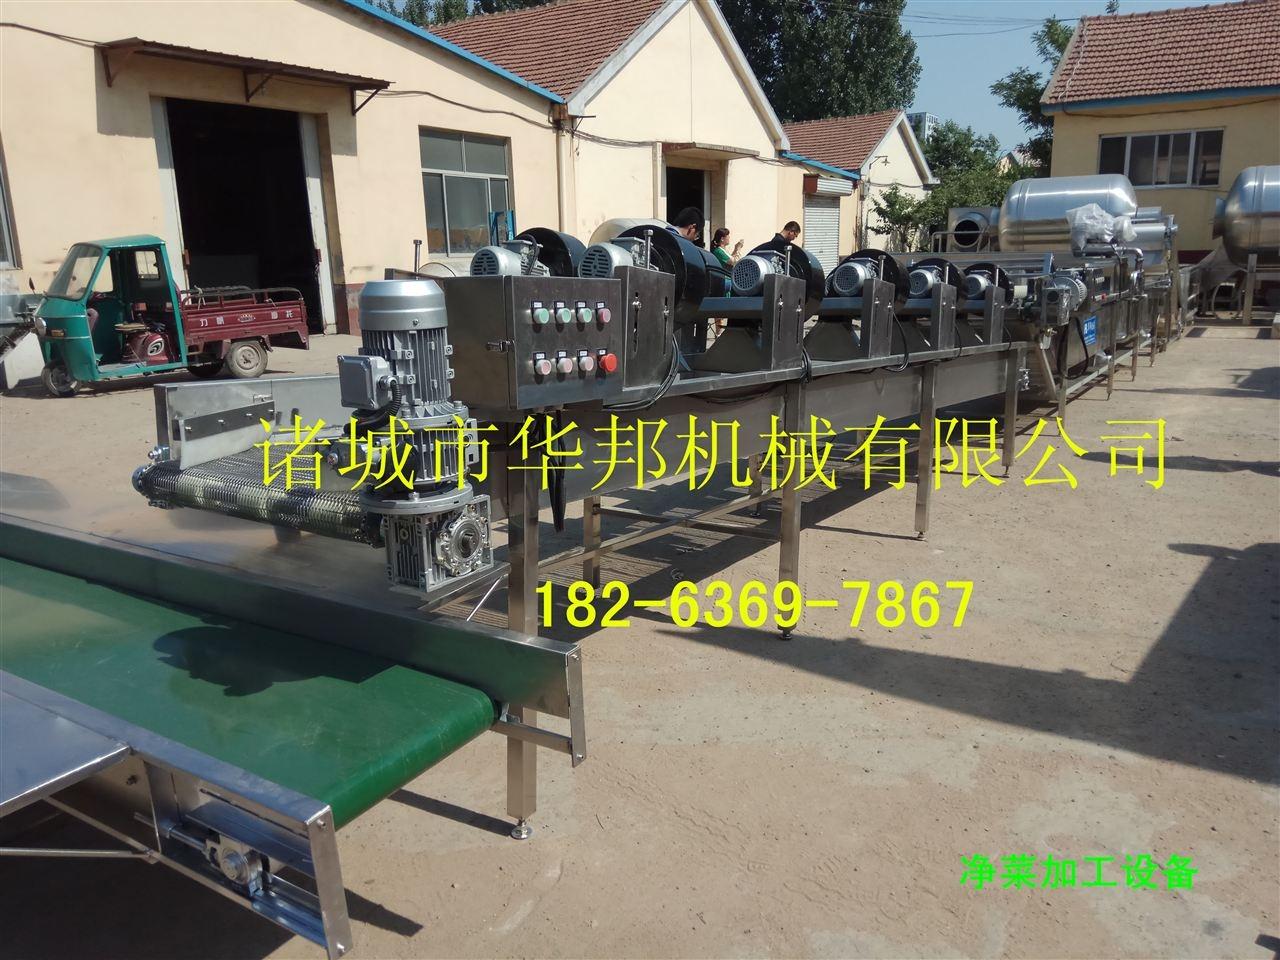 供应净菜加工设备 蔬菜清洗机 支持加工定制18263697867